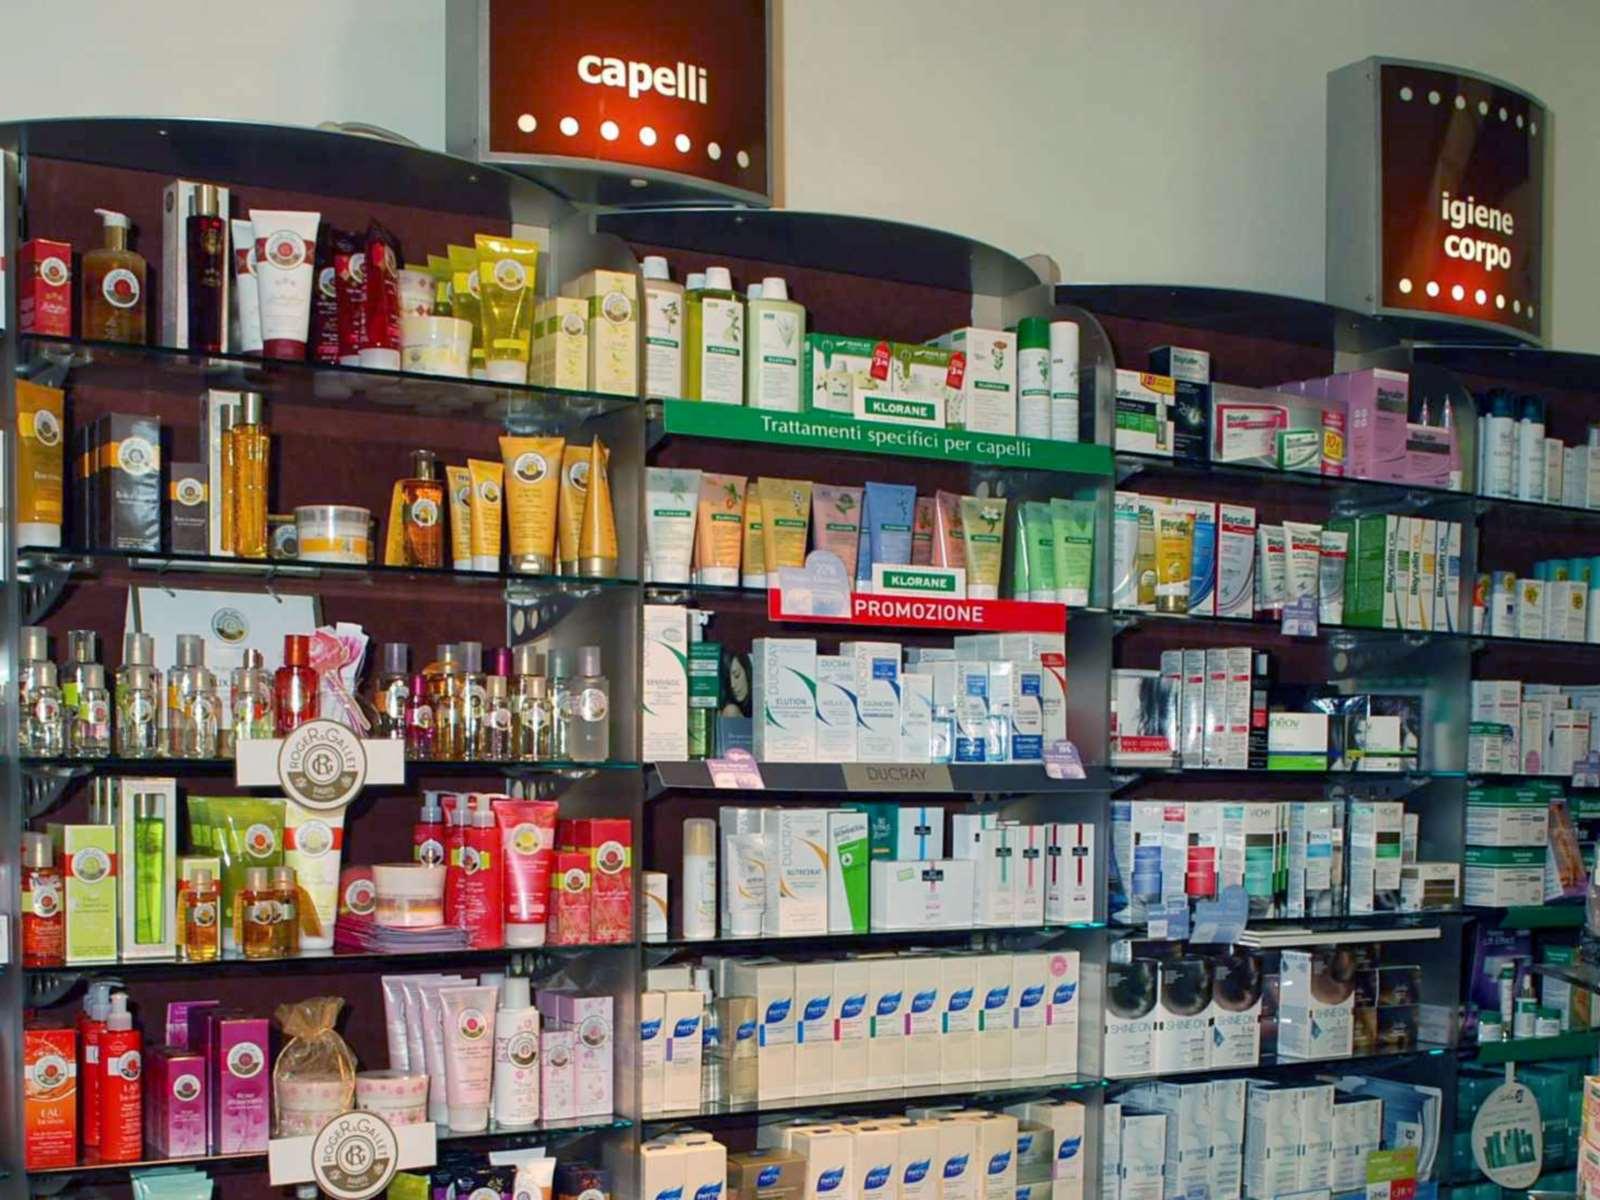 vendita-prodotti-capelli-igiene-corpo-formigine-casinalbo